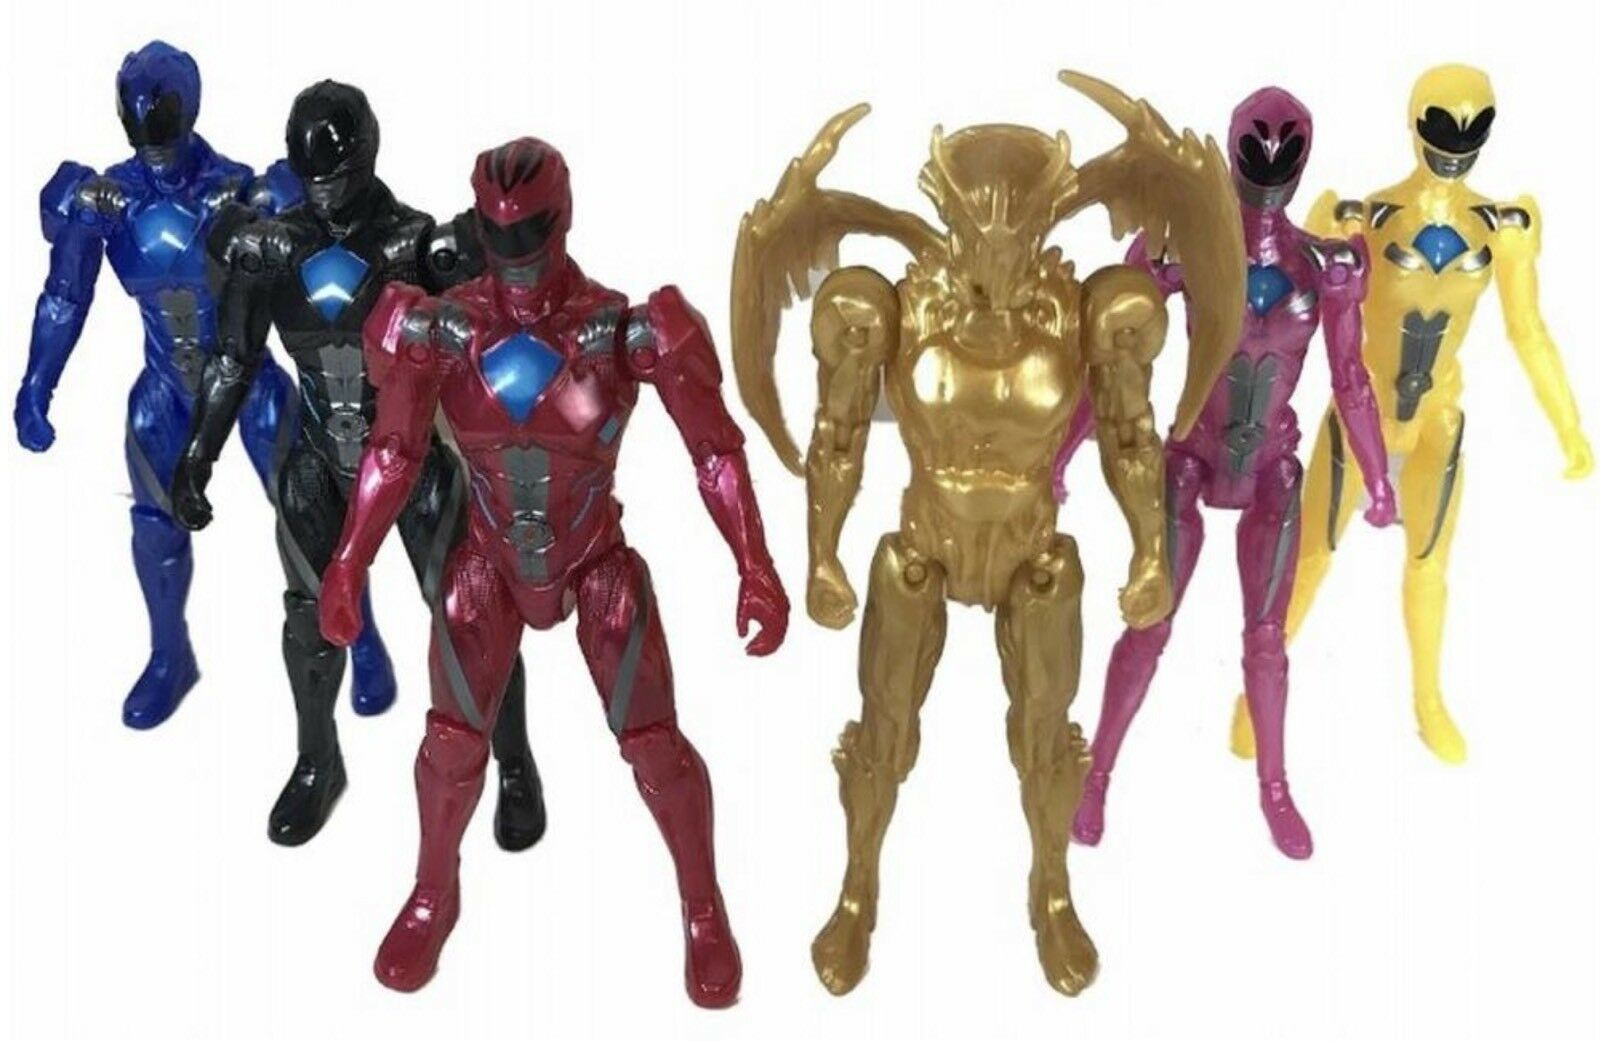 Power rangers - team 6-piece action - figur mit exklusiver metallic Goldar neue